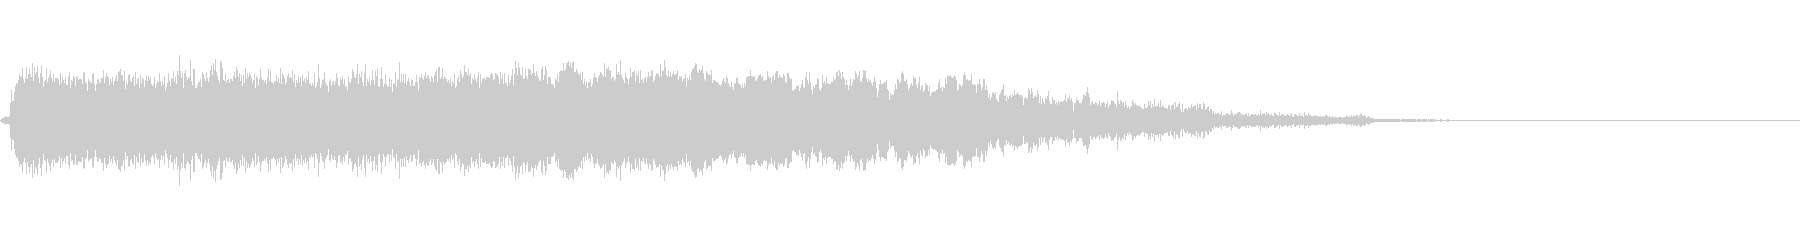 ロックブルースバンパー3の未再生の波形